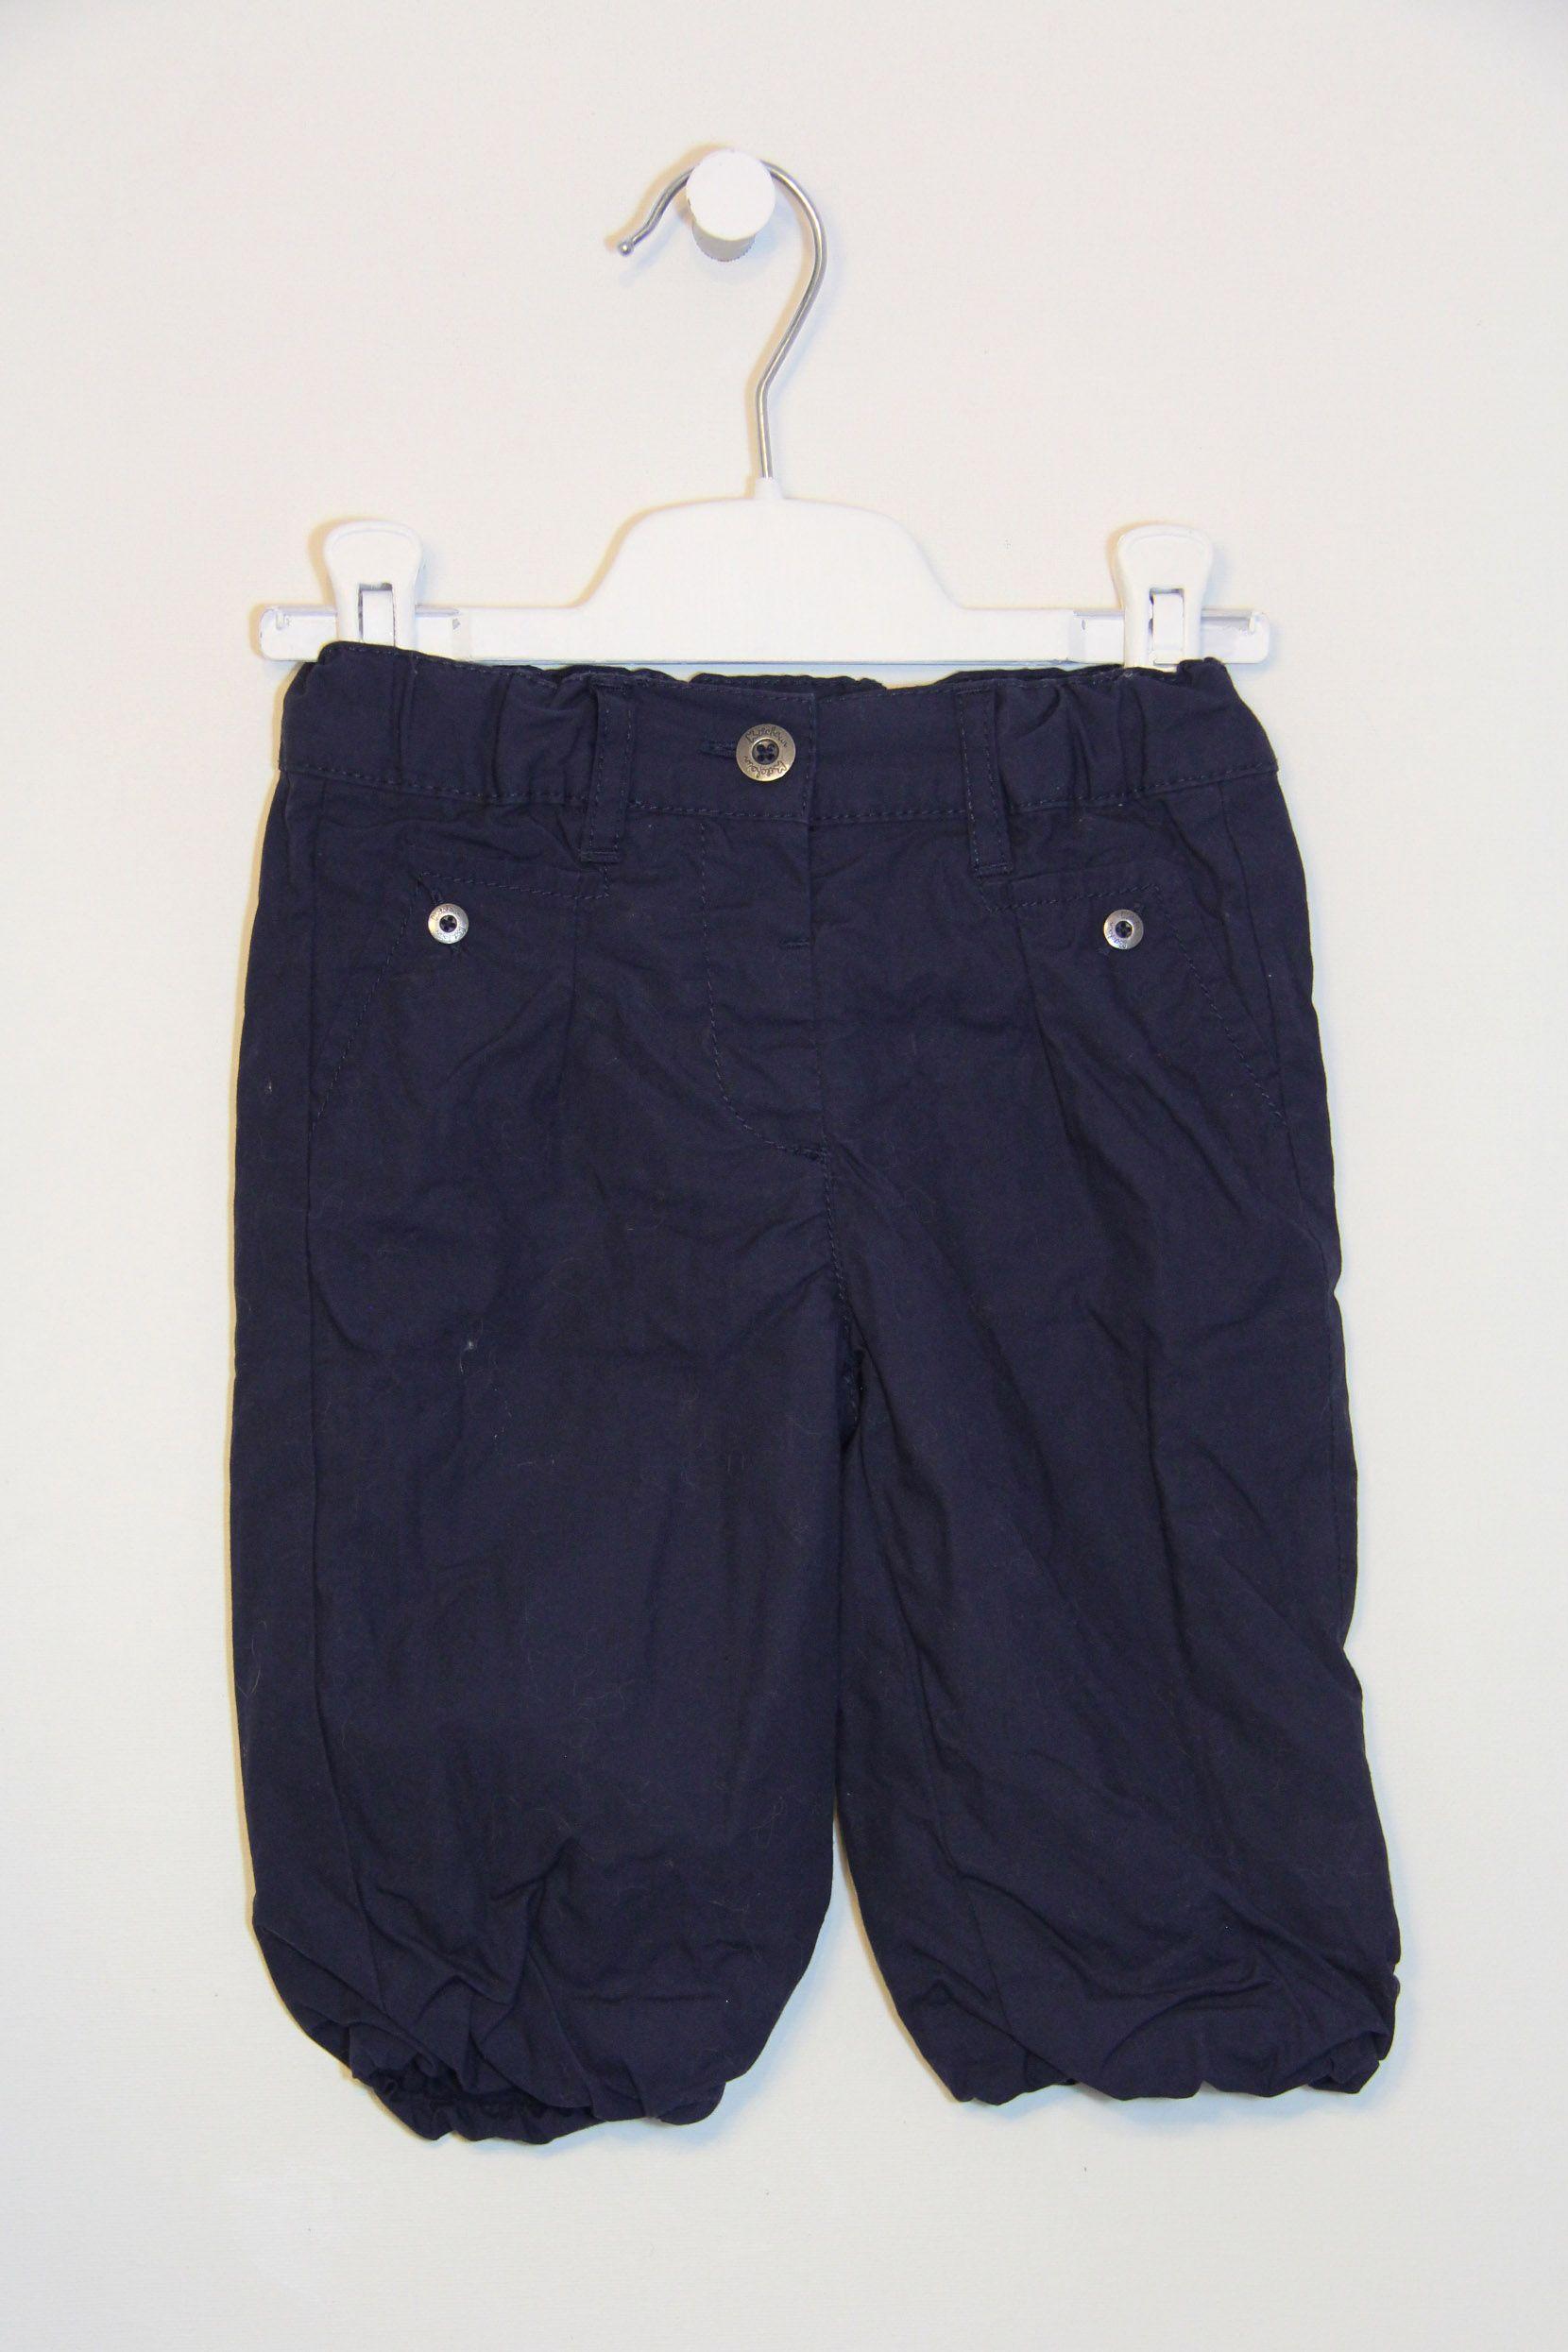 76b17e196 Pantalón 6 meses